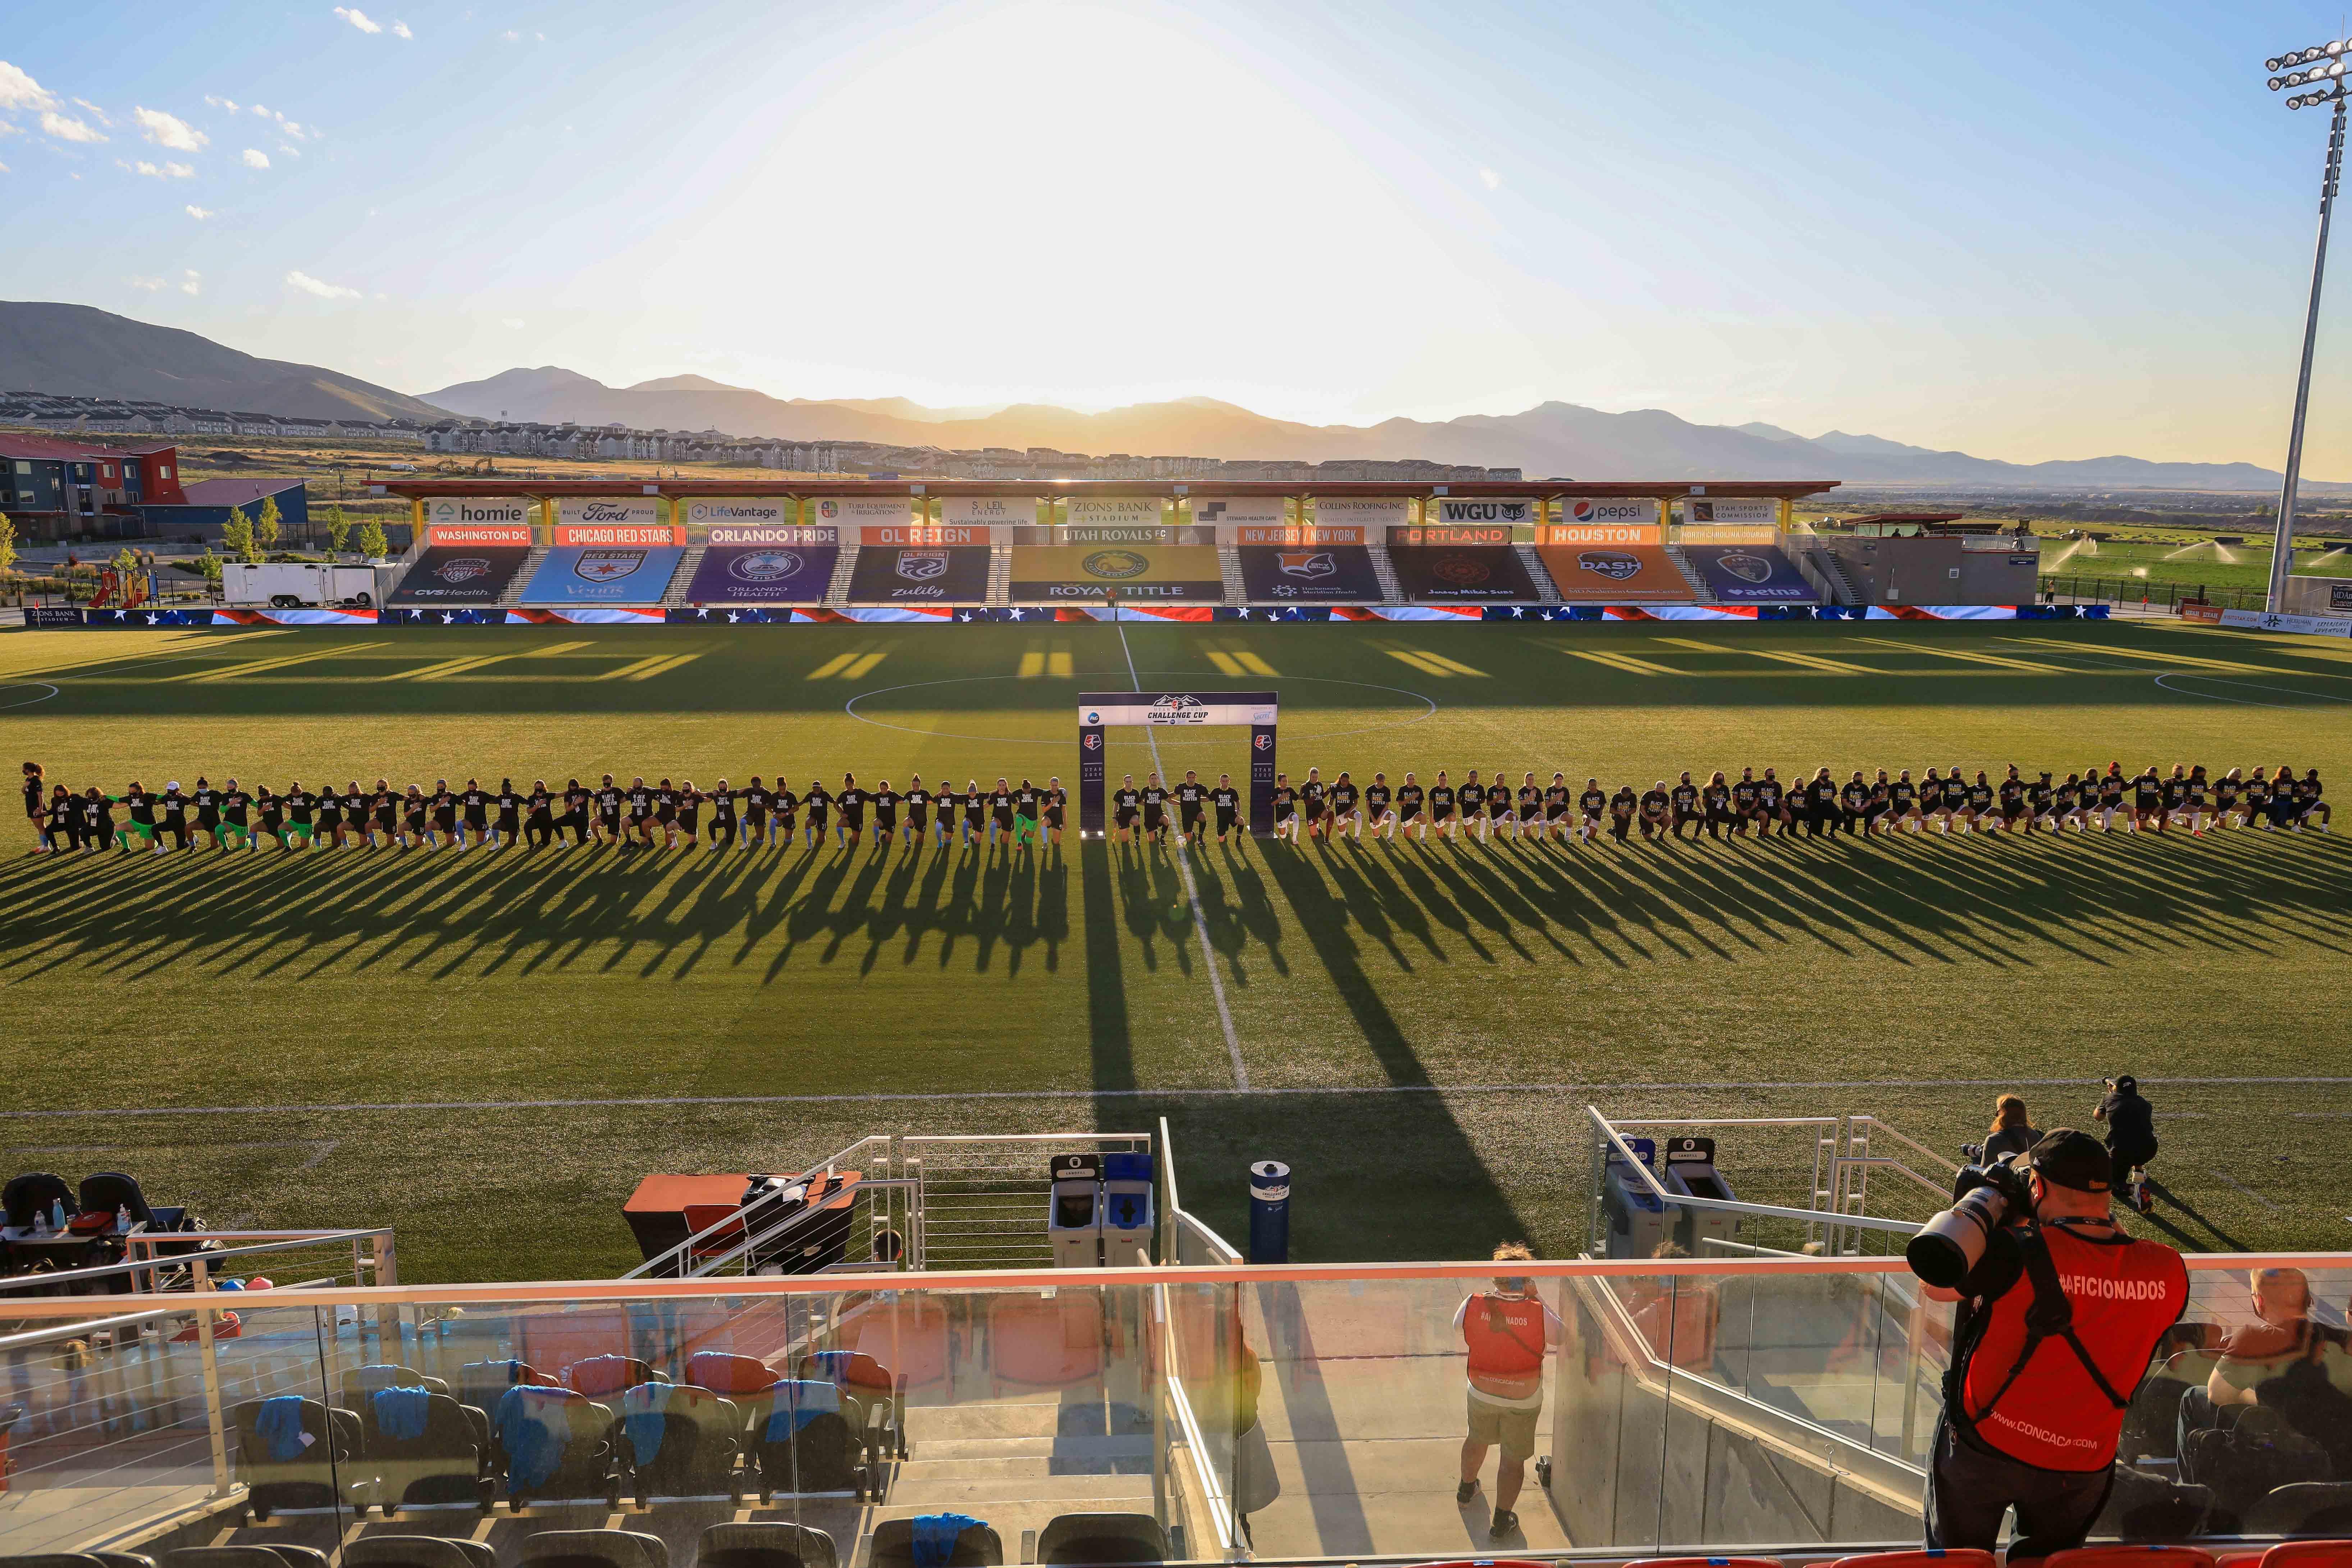 Soccer: NWSL Challenge Cup-OL Reign vs Sky Blue FC